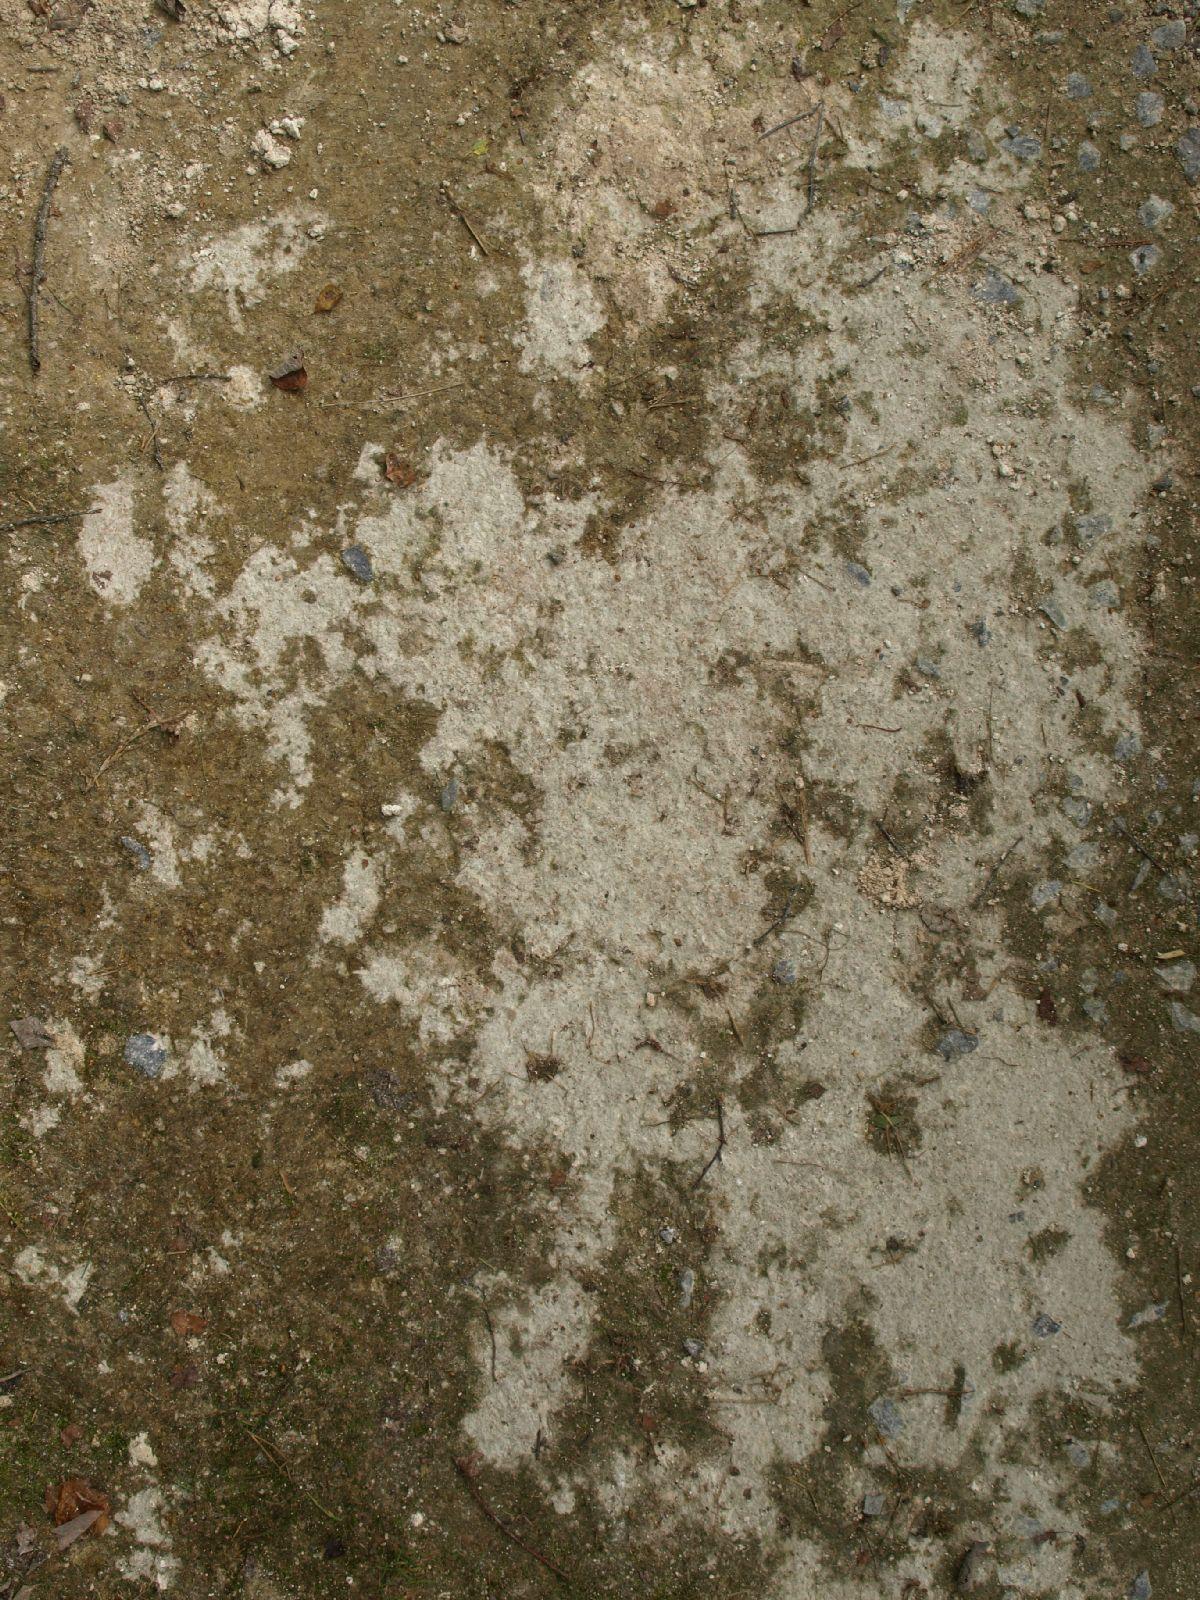 Grunge-Dreck_Textur_A_P8299336